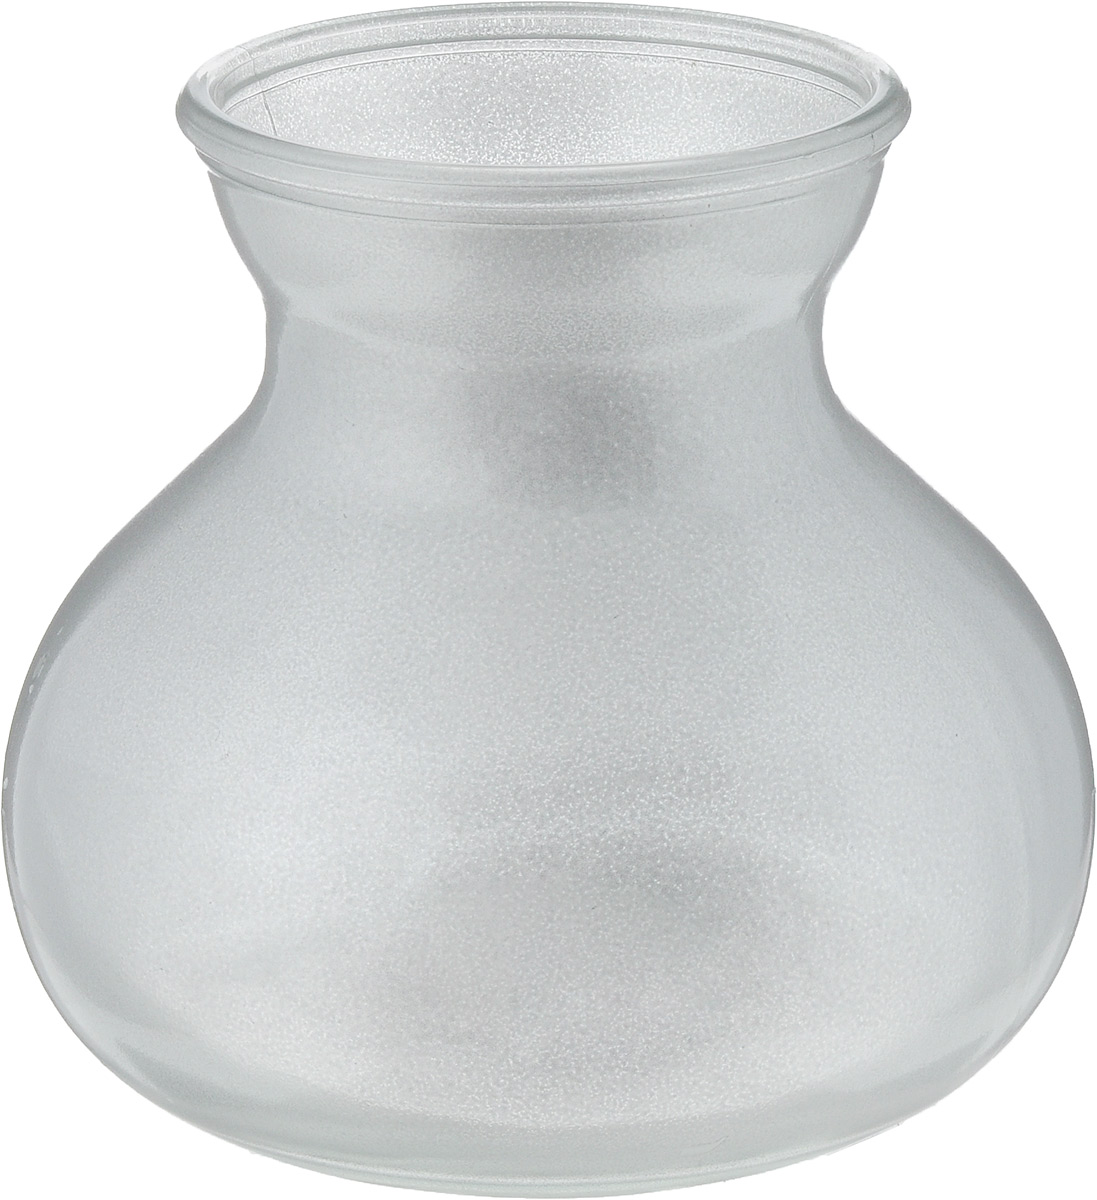 Ваза NiNaGlass Дана, цвет: серебро, высота 16 см92-024 СЕРЕБВаза NiNaGlass Дана выполнена из высококачественного стекла и имеет изысканный внешний вид. Такая ваза станет ярким украшением интерьера и прекрасным подарком к любому случаю.Высота вазы: 16 см.Диаметр вазы (по верхнему краю): 10 см.Объем вазы: 1,5 л.